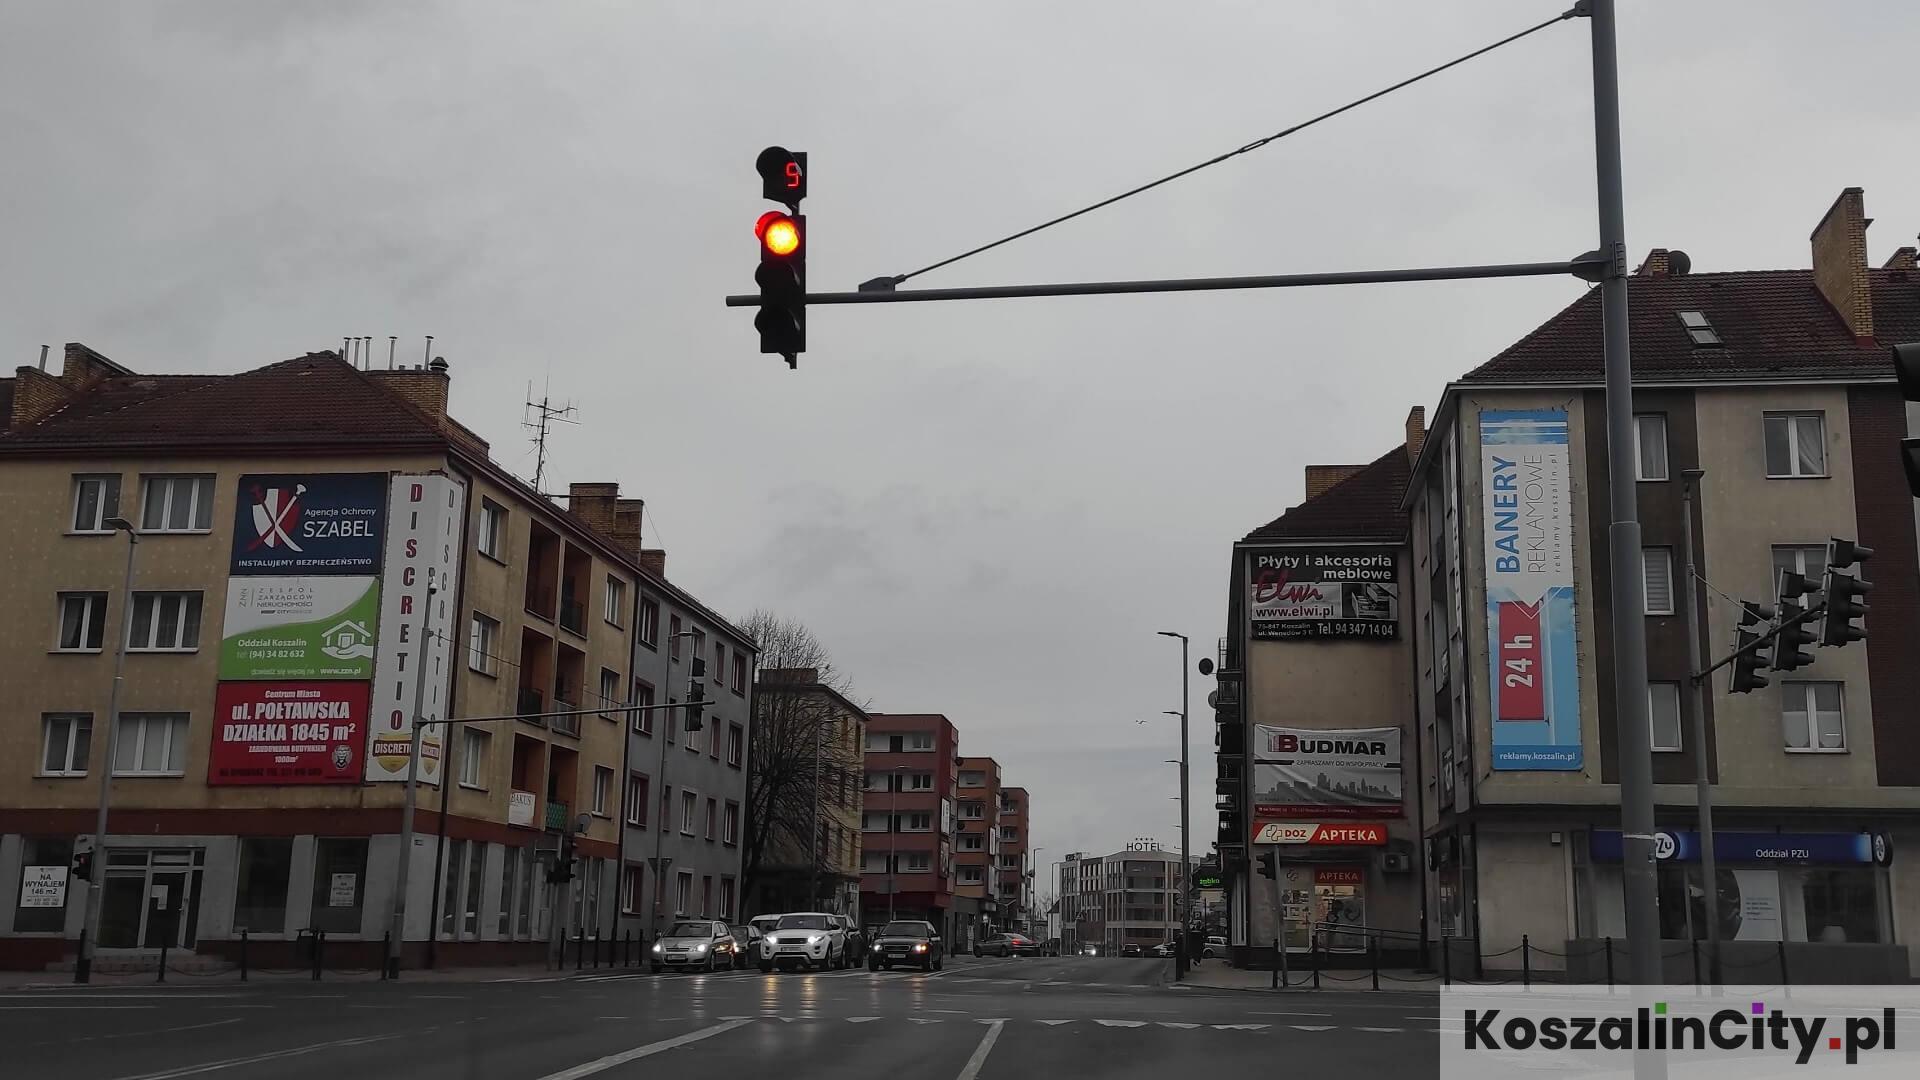 Reklamy na budynkach w centrum Koszalina